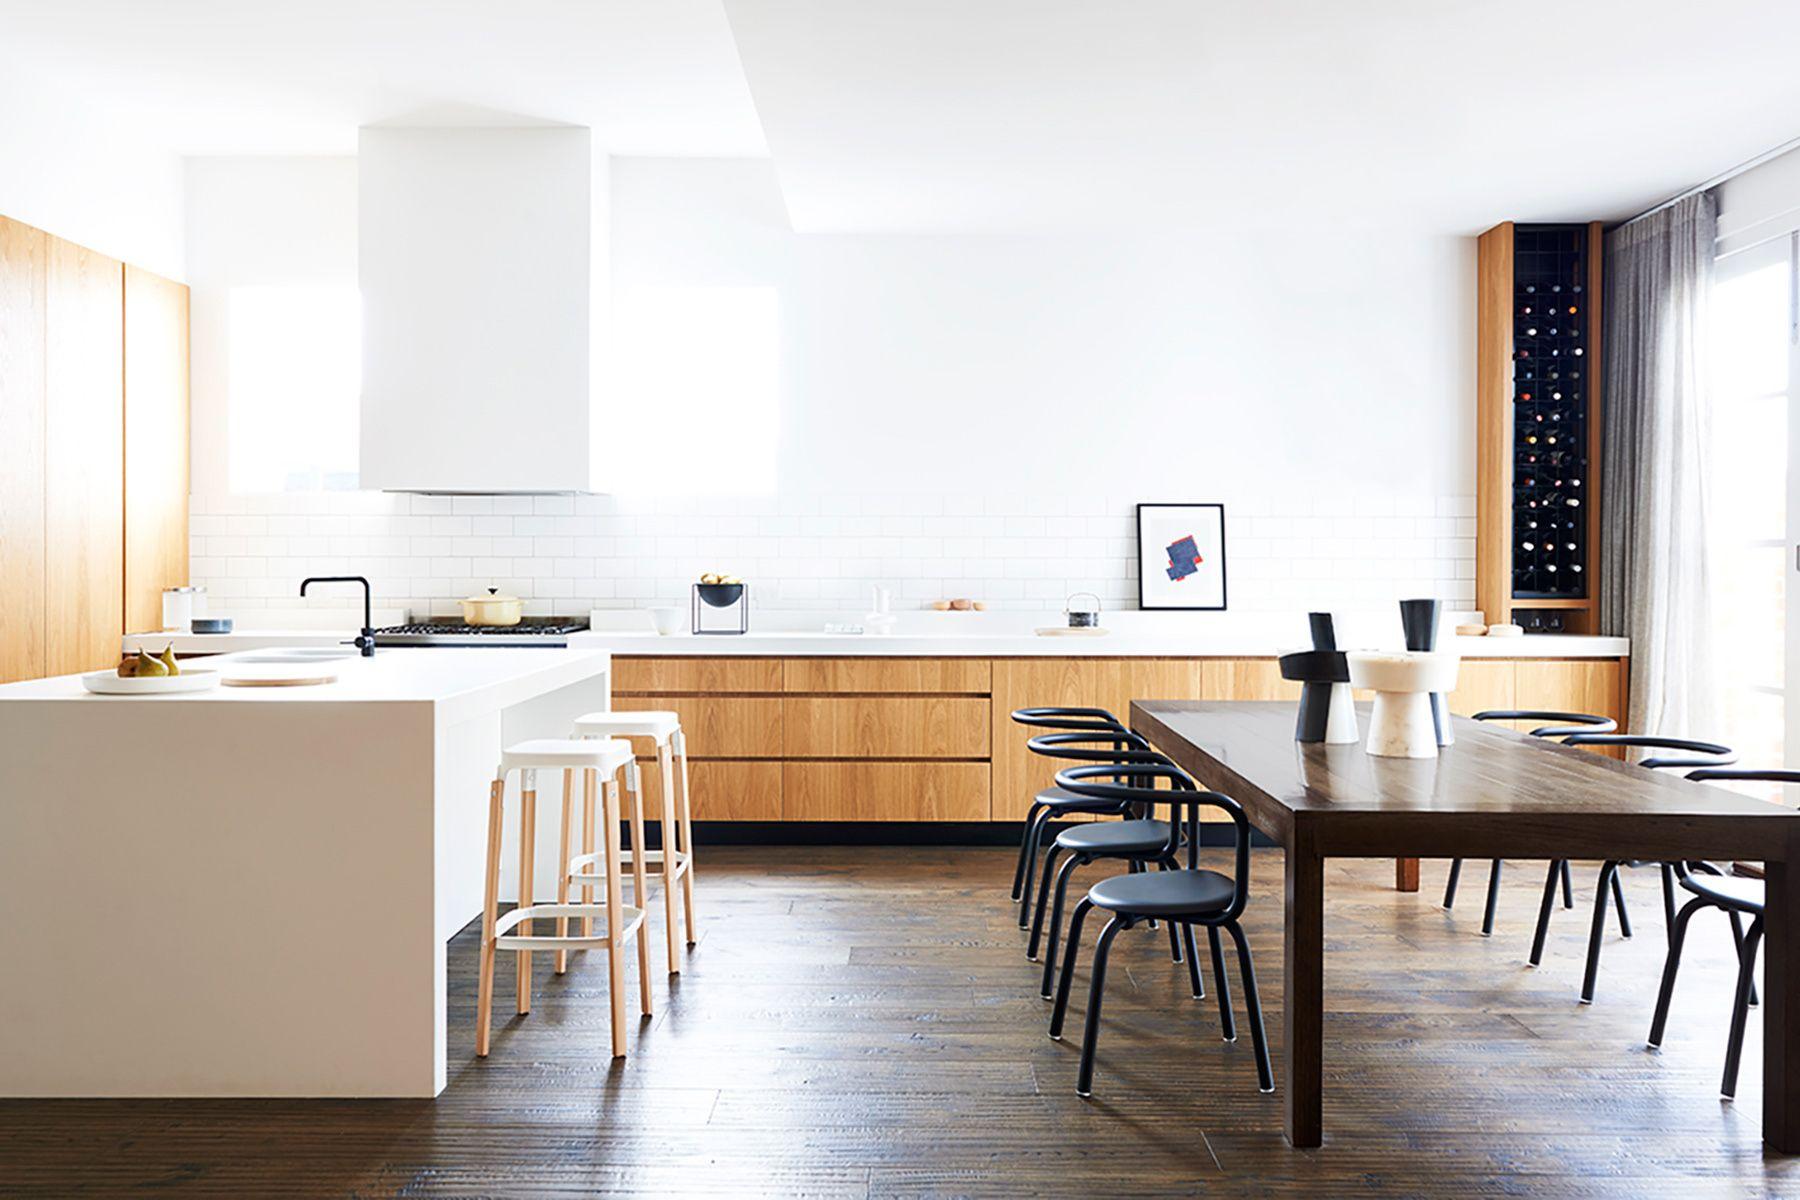 Espacio minimalista d nde la cocina y el comedor conviven for Comedor escandinavo